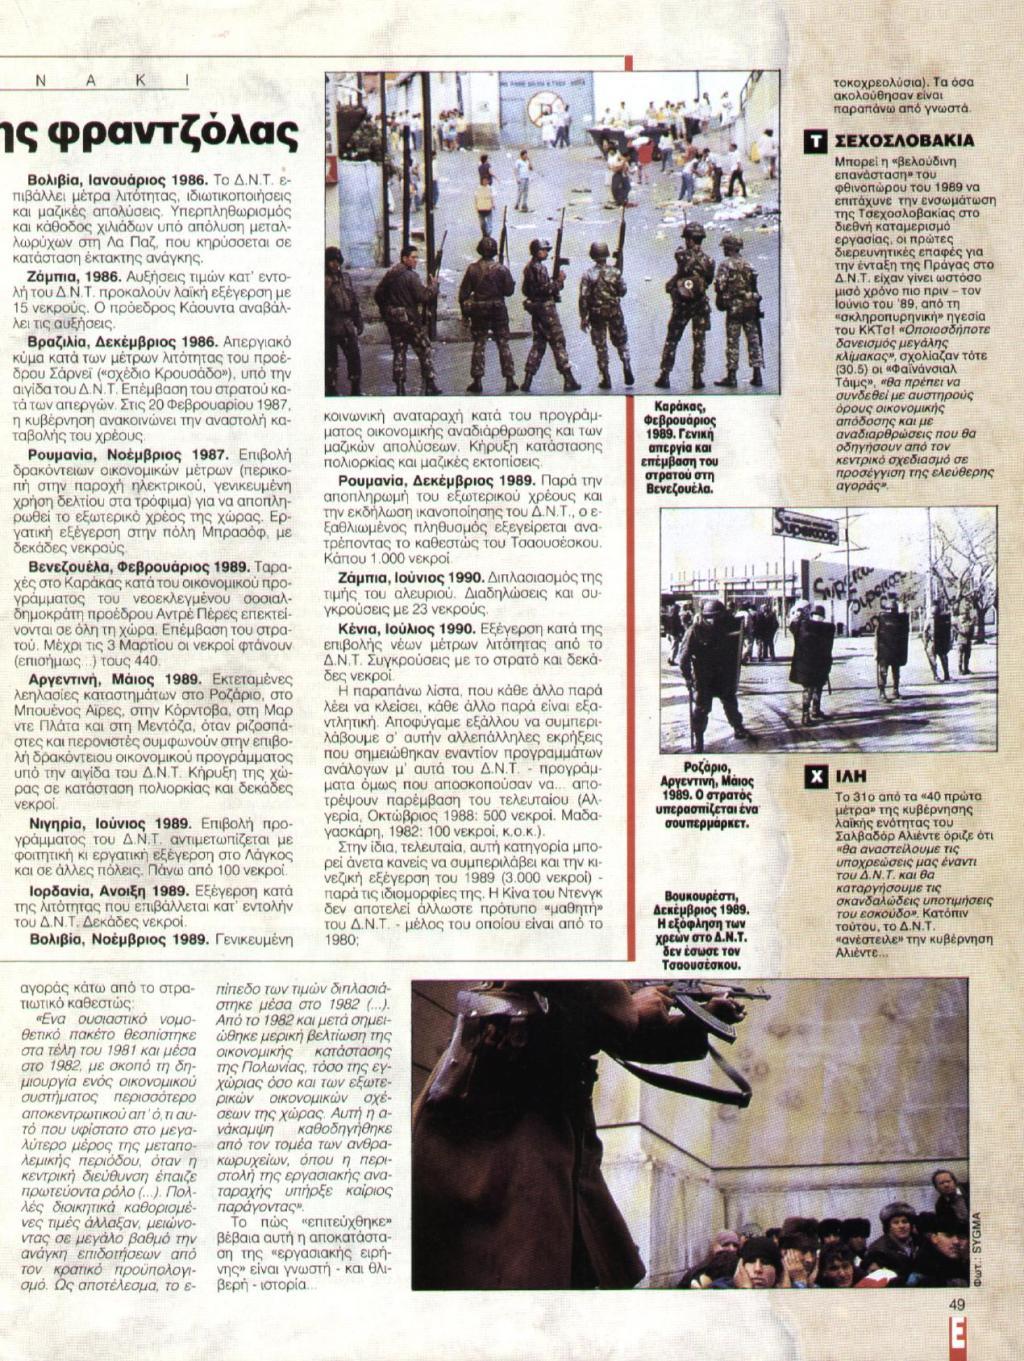 1991-11-03-ΕΨΙΛΟΝ - Ιός - Διεθνές Νομισματικό Ταμείο ΔΝΤ Το φιλί της ζωής που σκοτώνει-ΣΕΛ-05